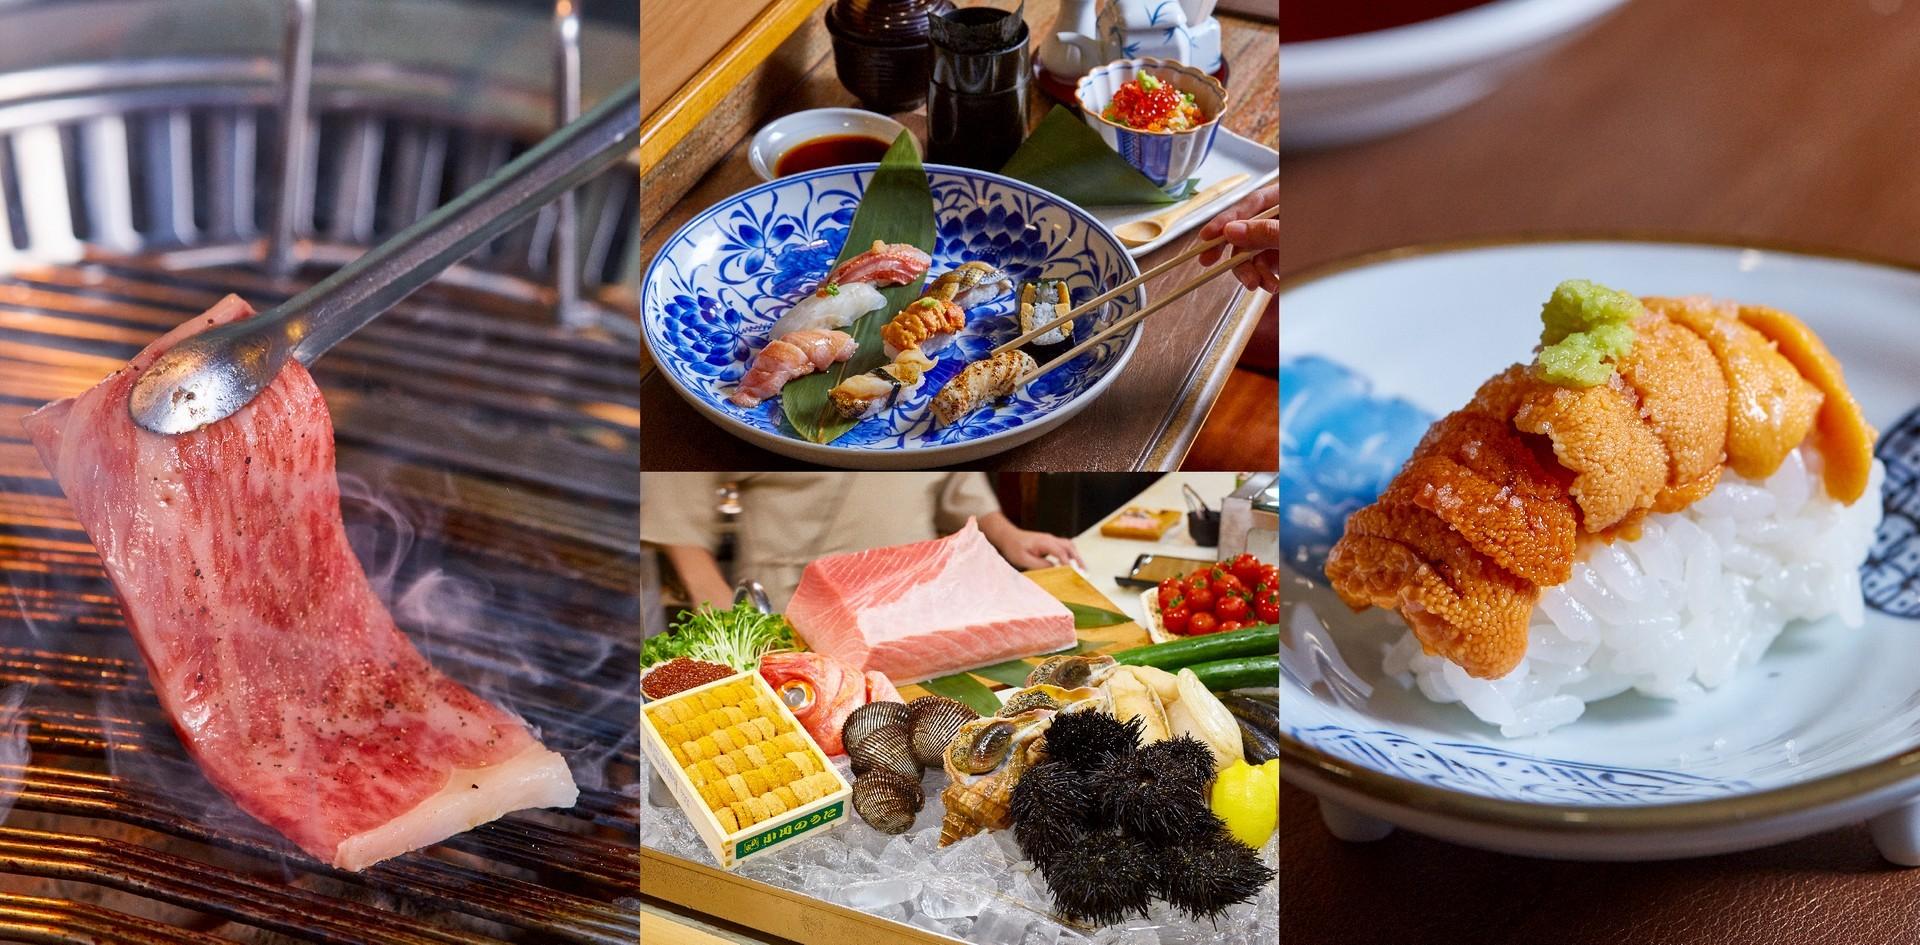 กำไรคูณสอง! อิ่มทั้งสไตล์โอมากาเสะ ยากินิคุ สุดพรีเมียม ที่ Sushi Cyu